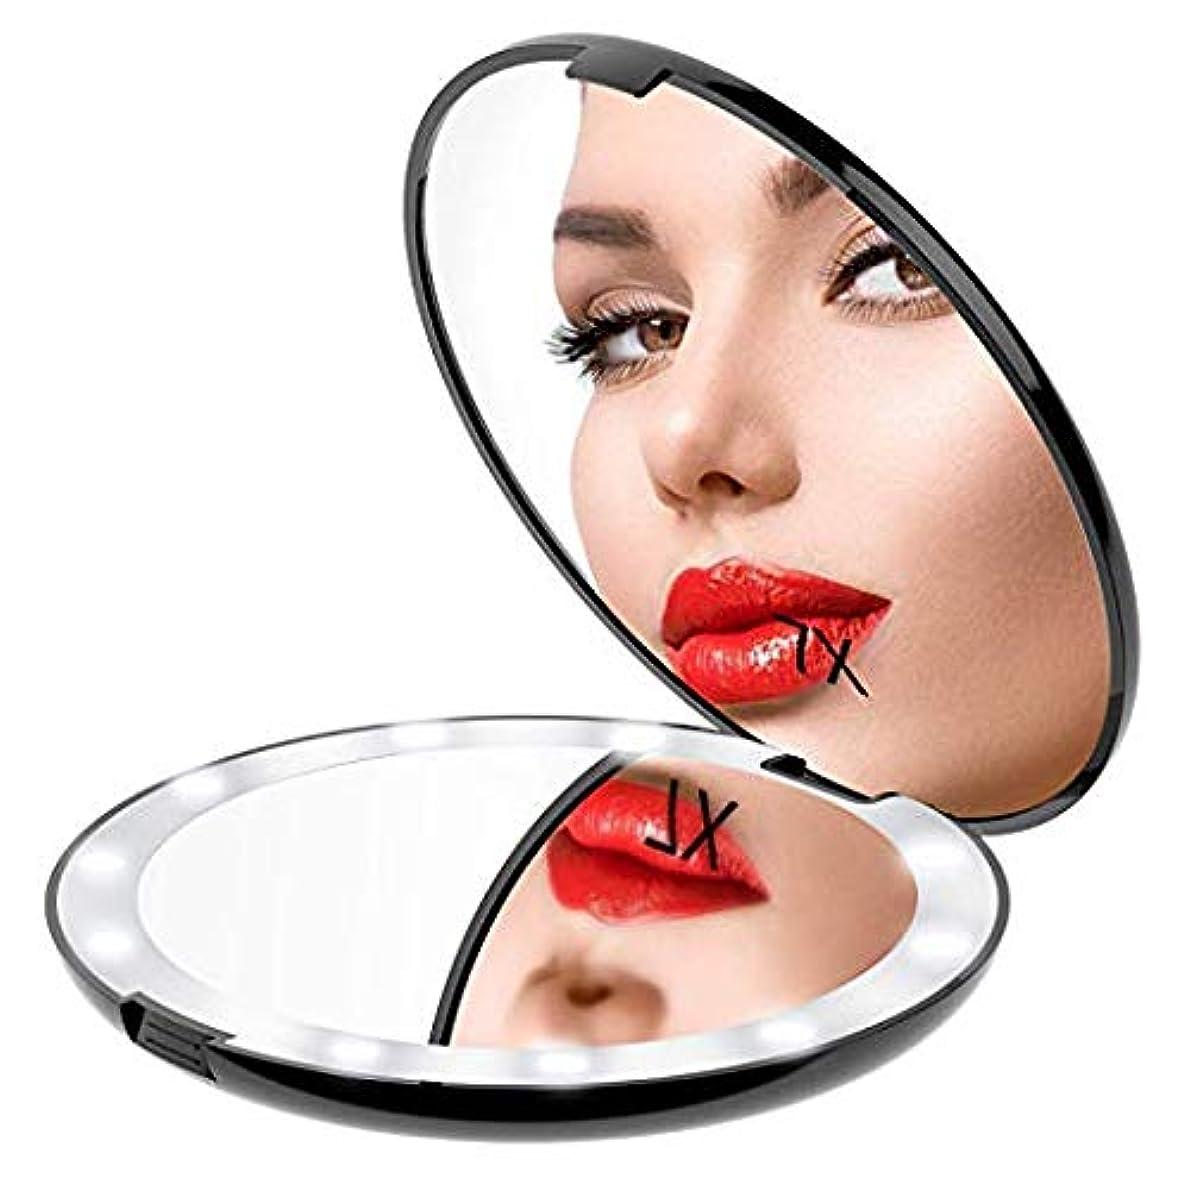 オーチャード臨検ハンドブックGospire 化粧鏡 7倍拡大鏡 携帯ミラー 化粧ミラー LEDライト 手鏡 折りたたみ式 コンパクト 角度調整可 (ブラック)